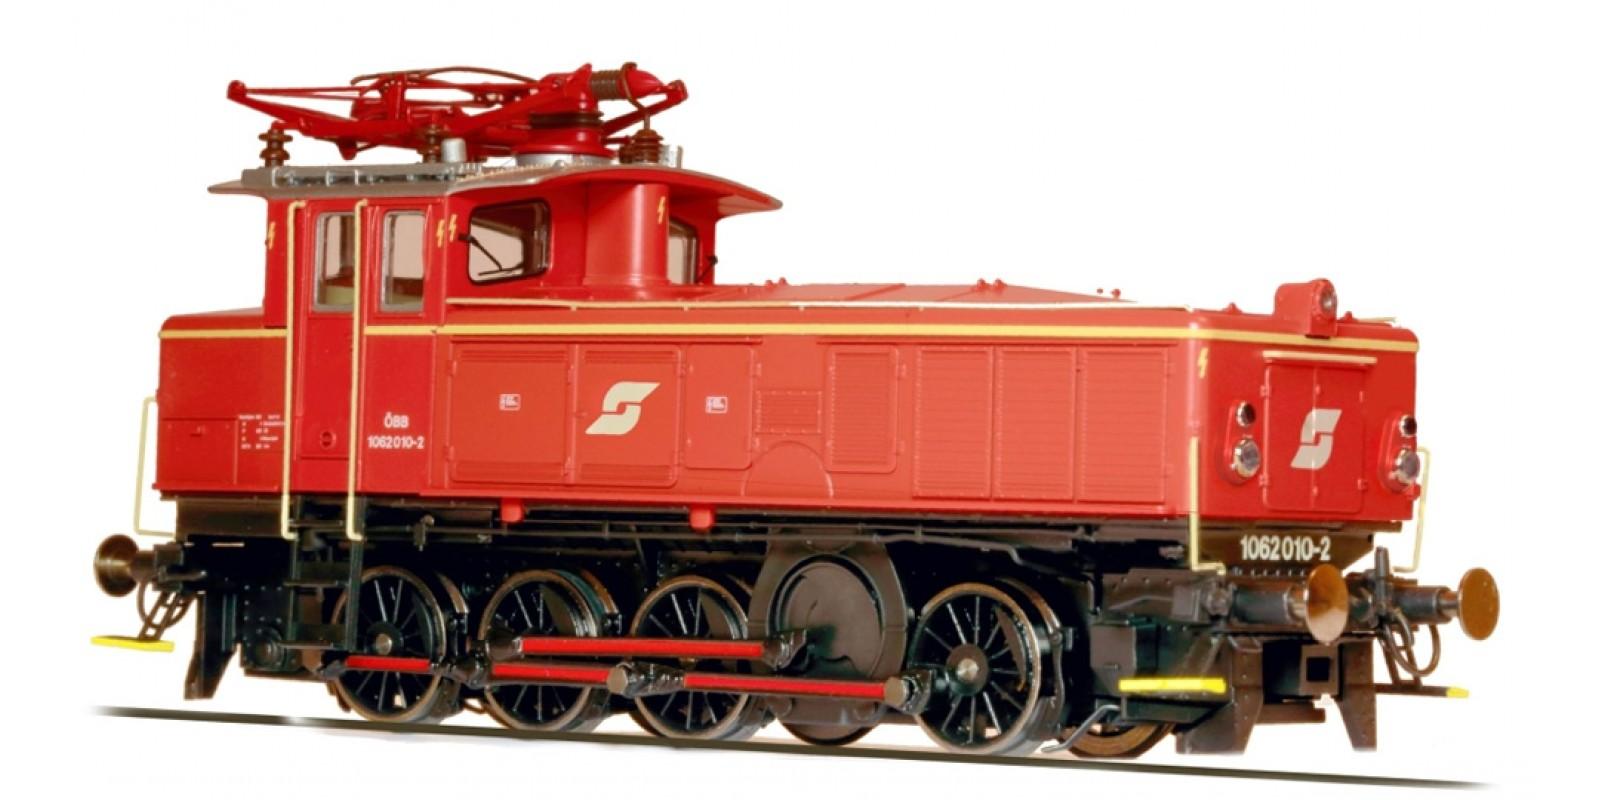 JA16752 H0 AC E-Lok 1062.003 Pfla orange Sound